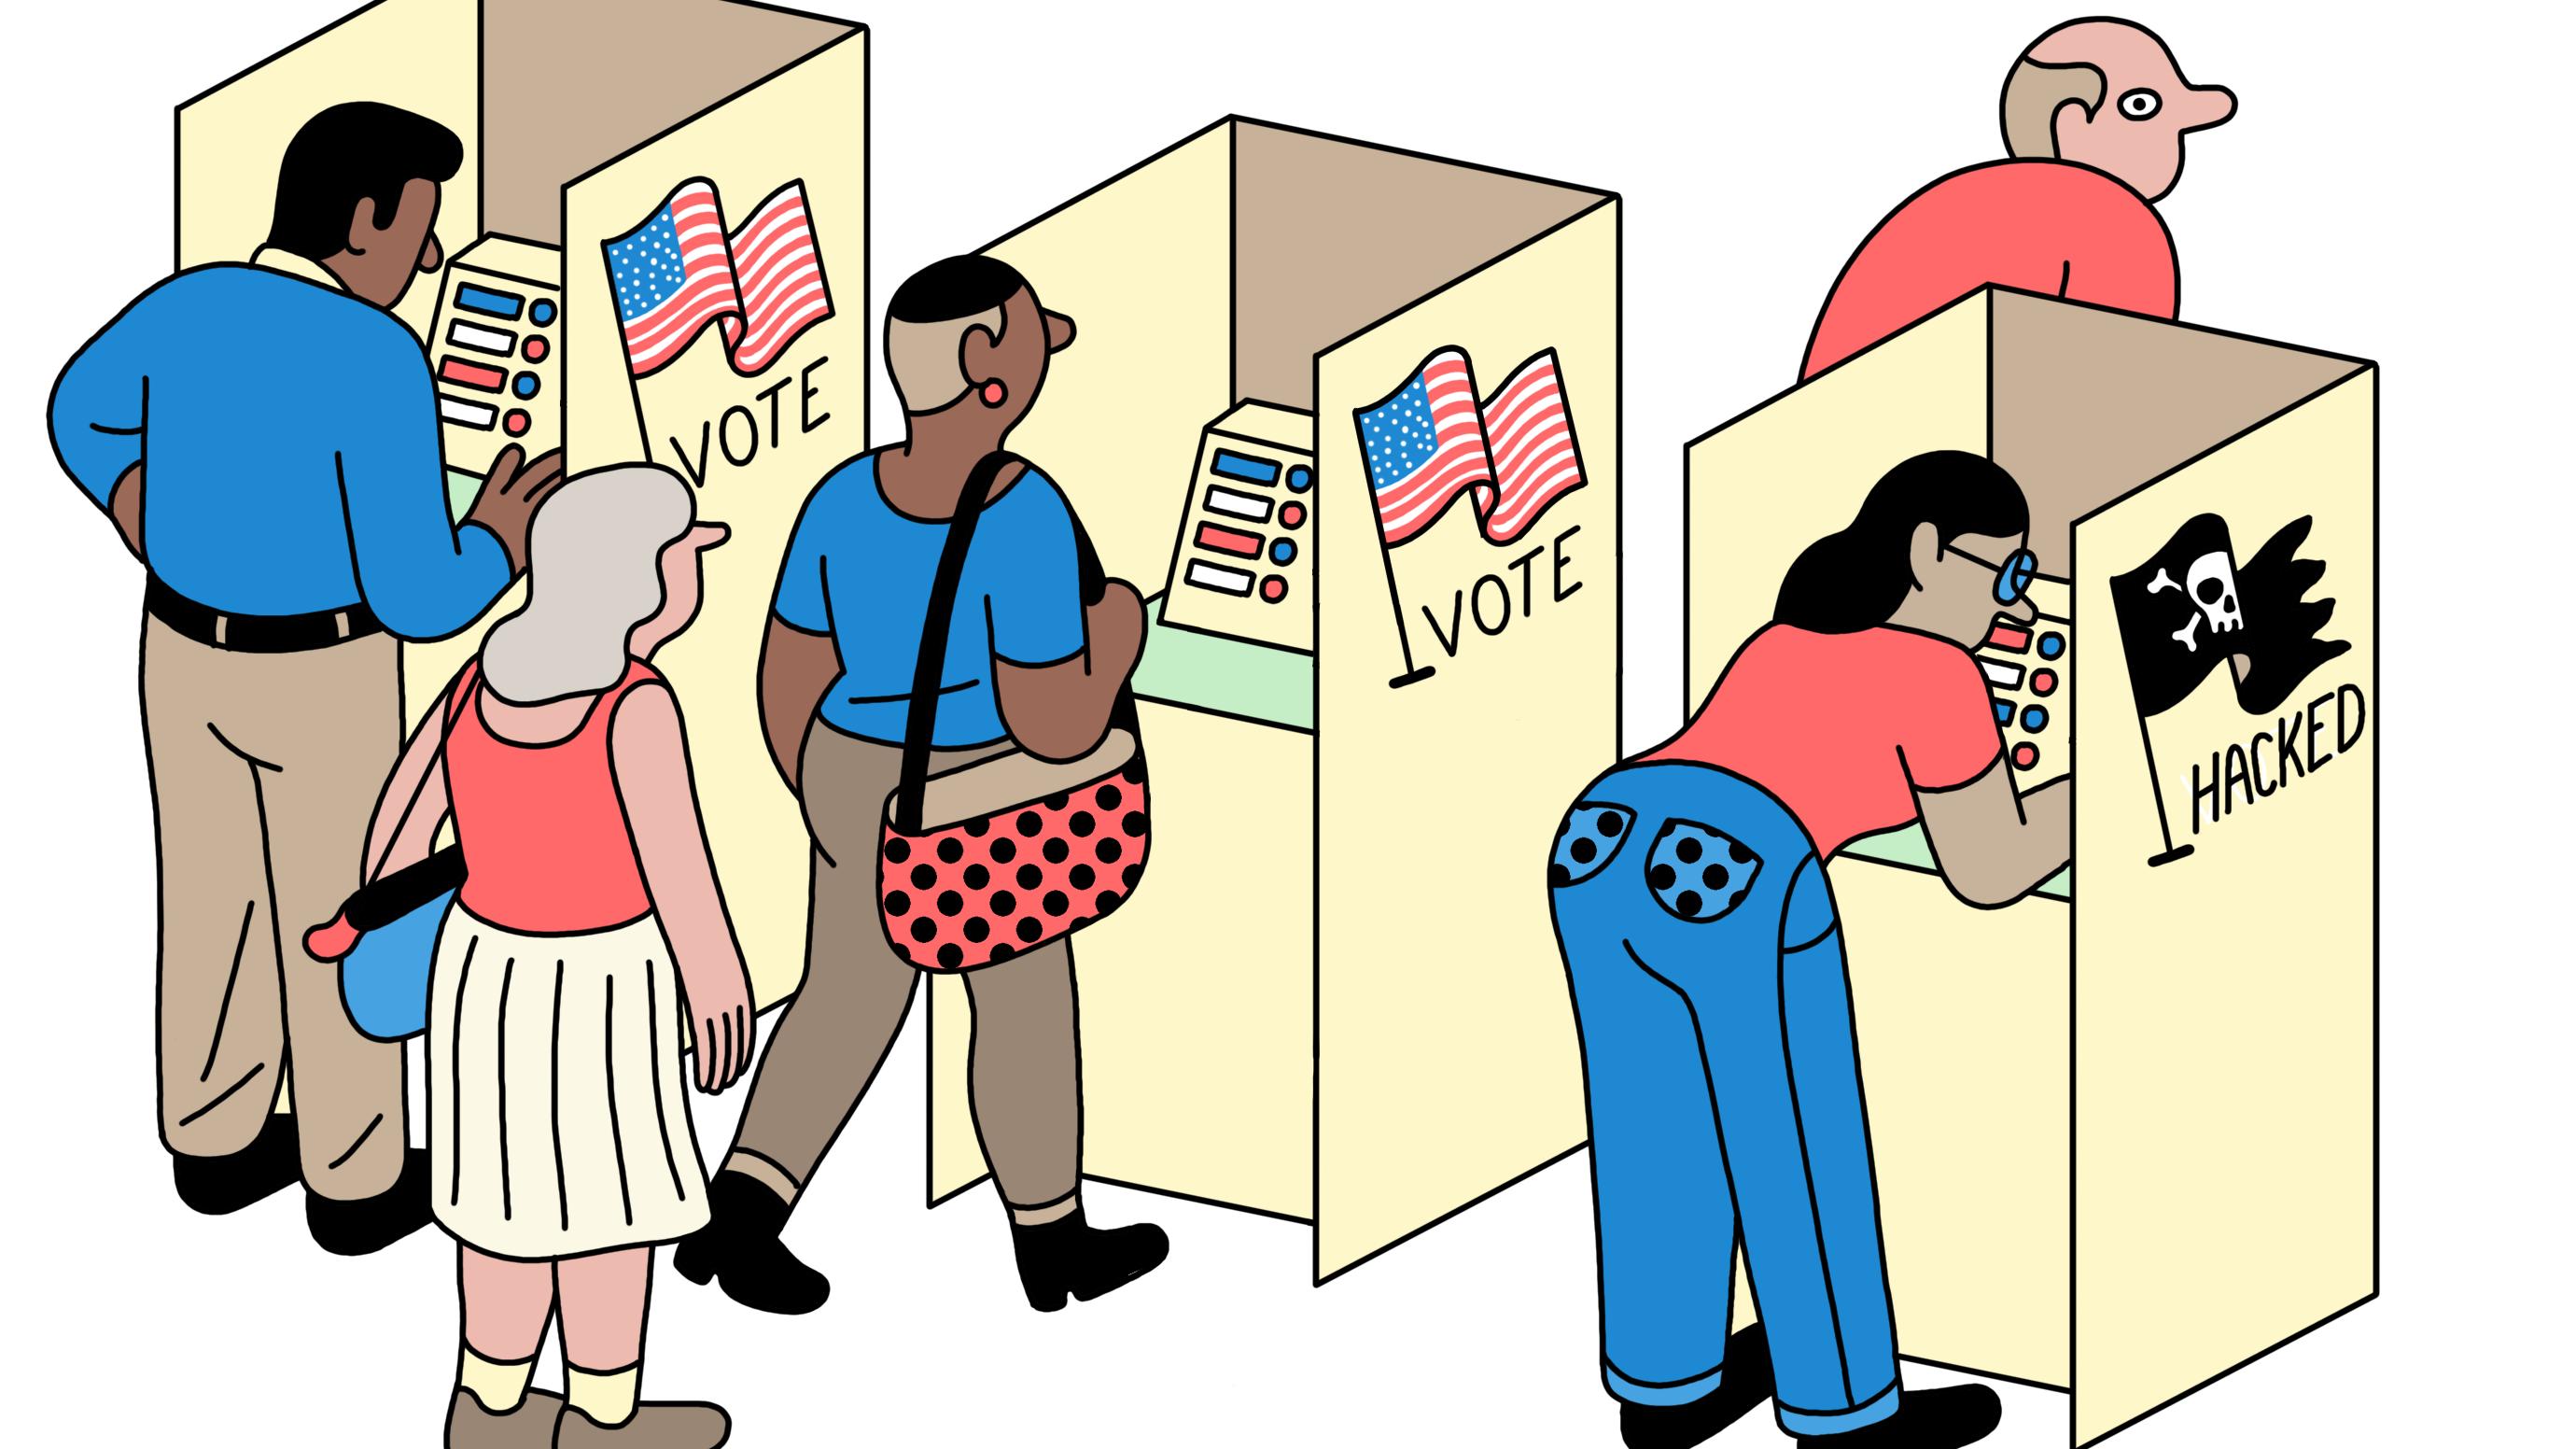 ペーパーレスは時代遅れ? 米中間選挙でハッカーが狙う 投票インフラ5つの弱点